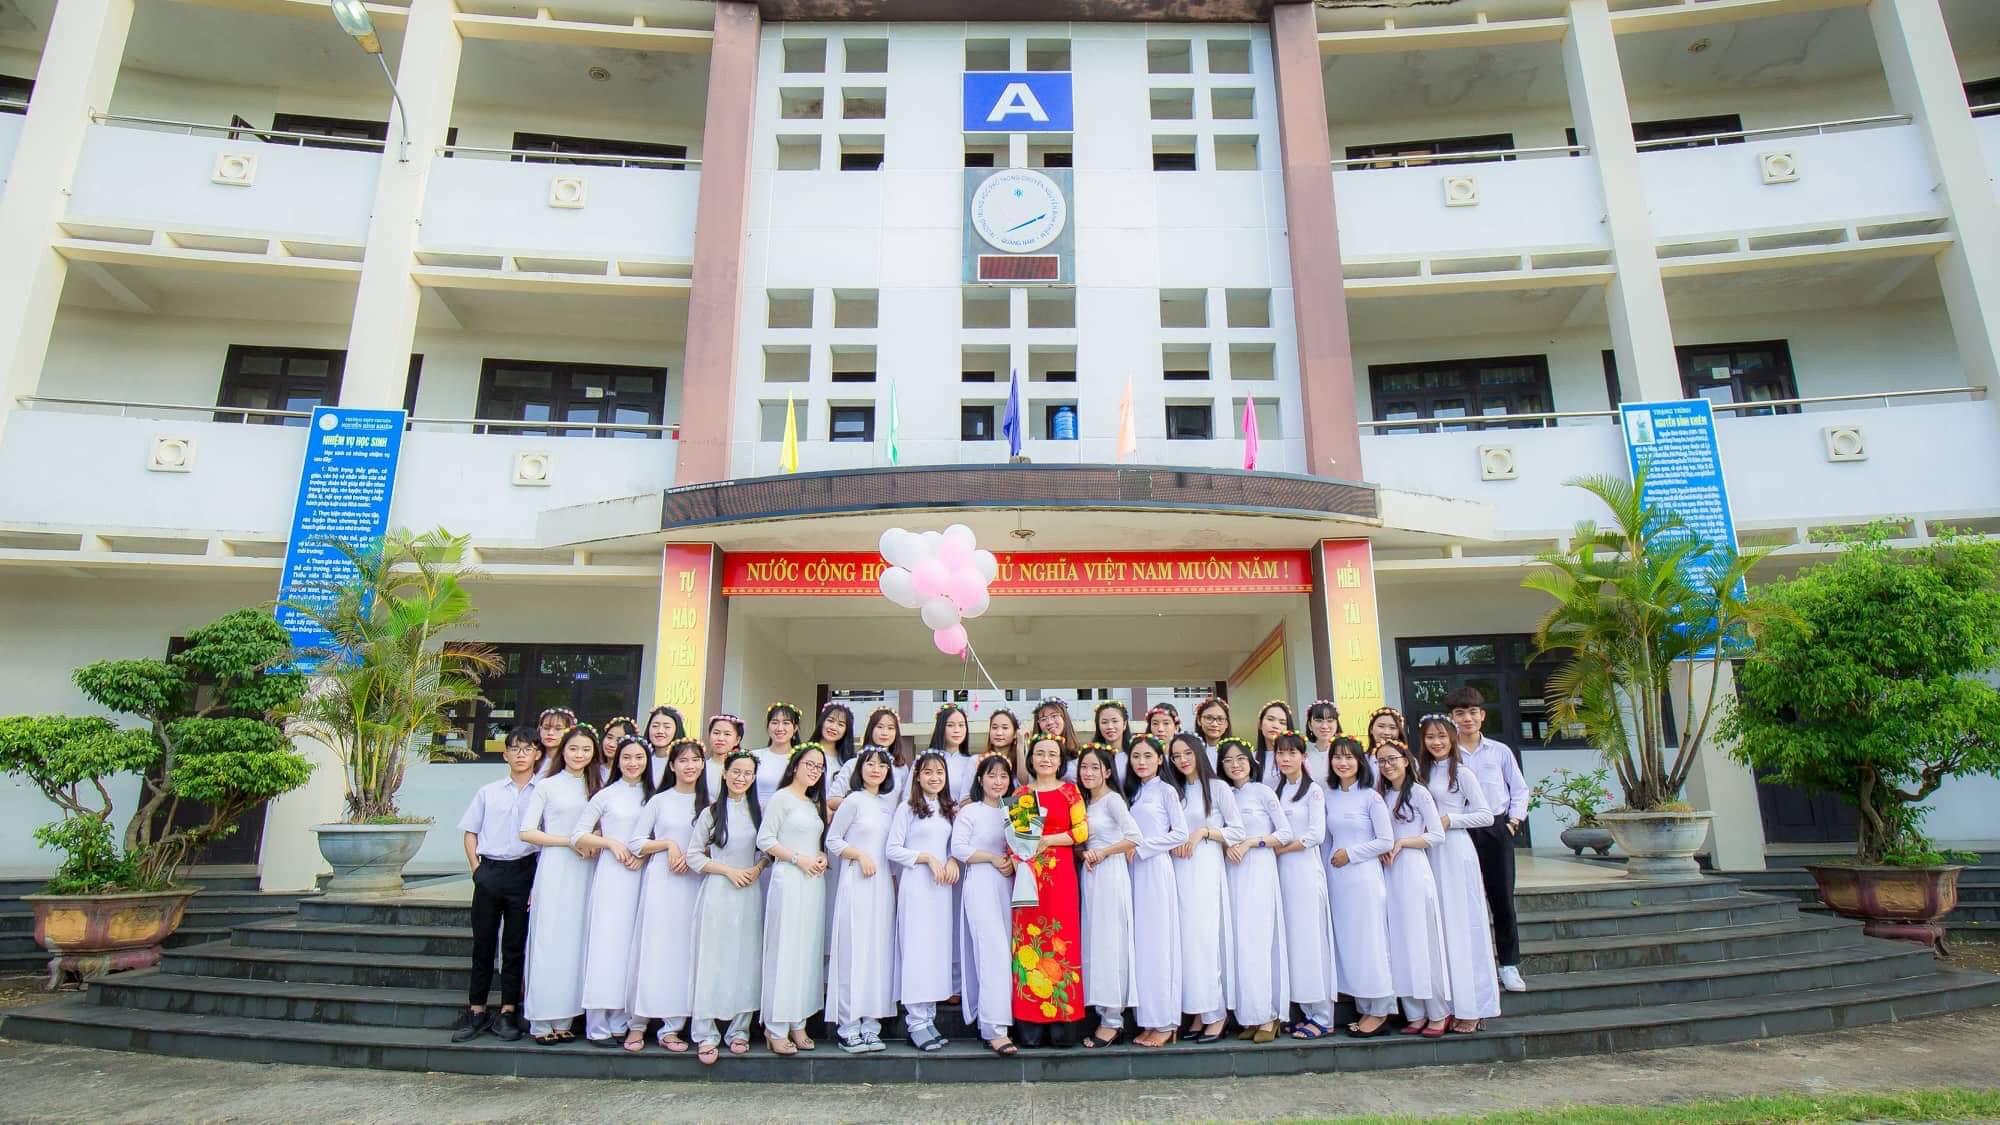 Ảnh 3: Nữ sinh thi được 9.5 Văn - We25.vn